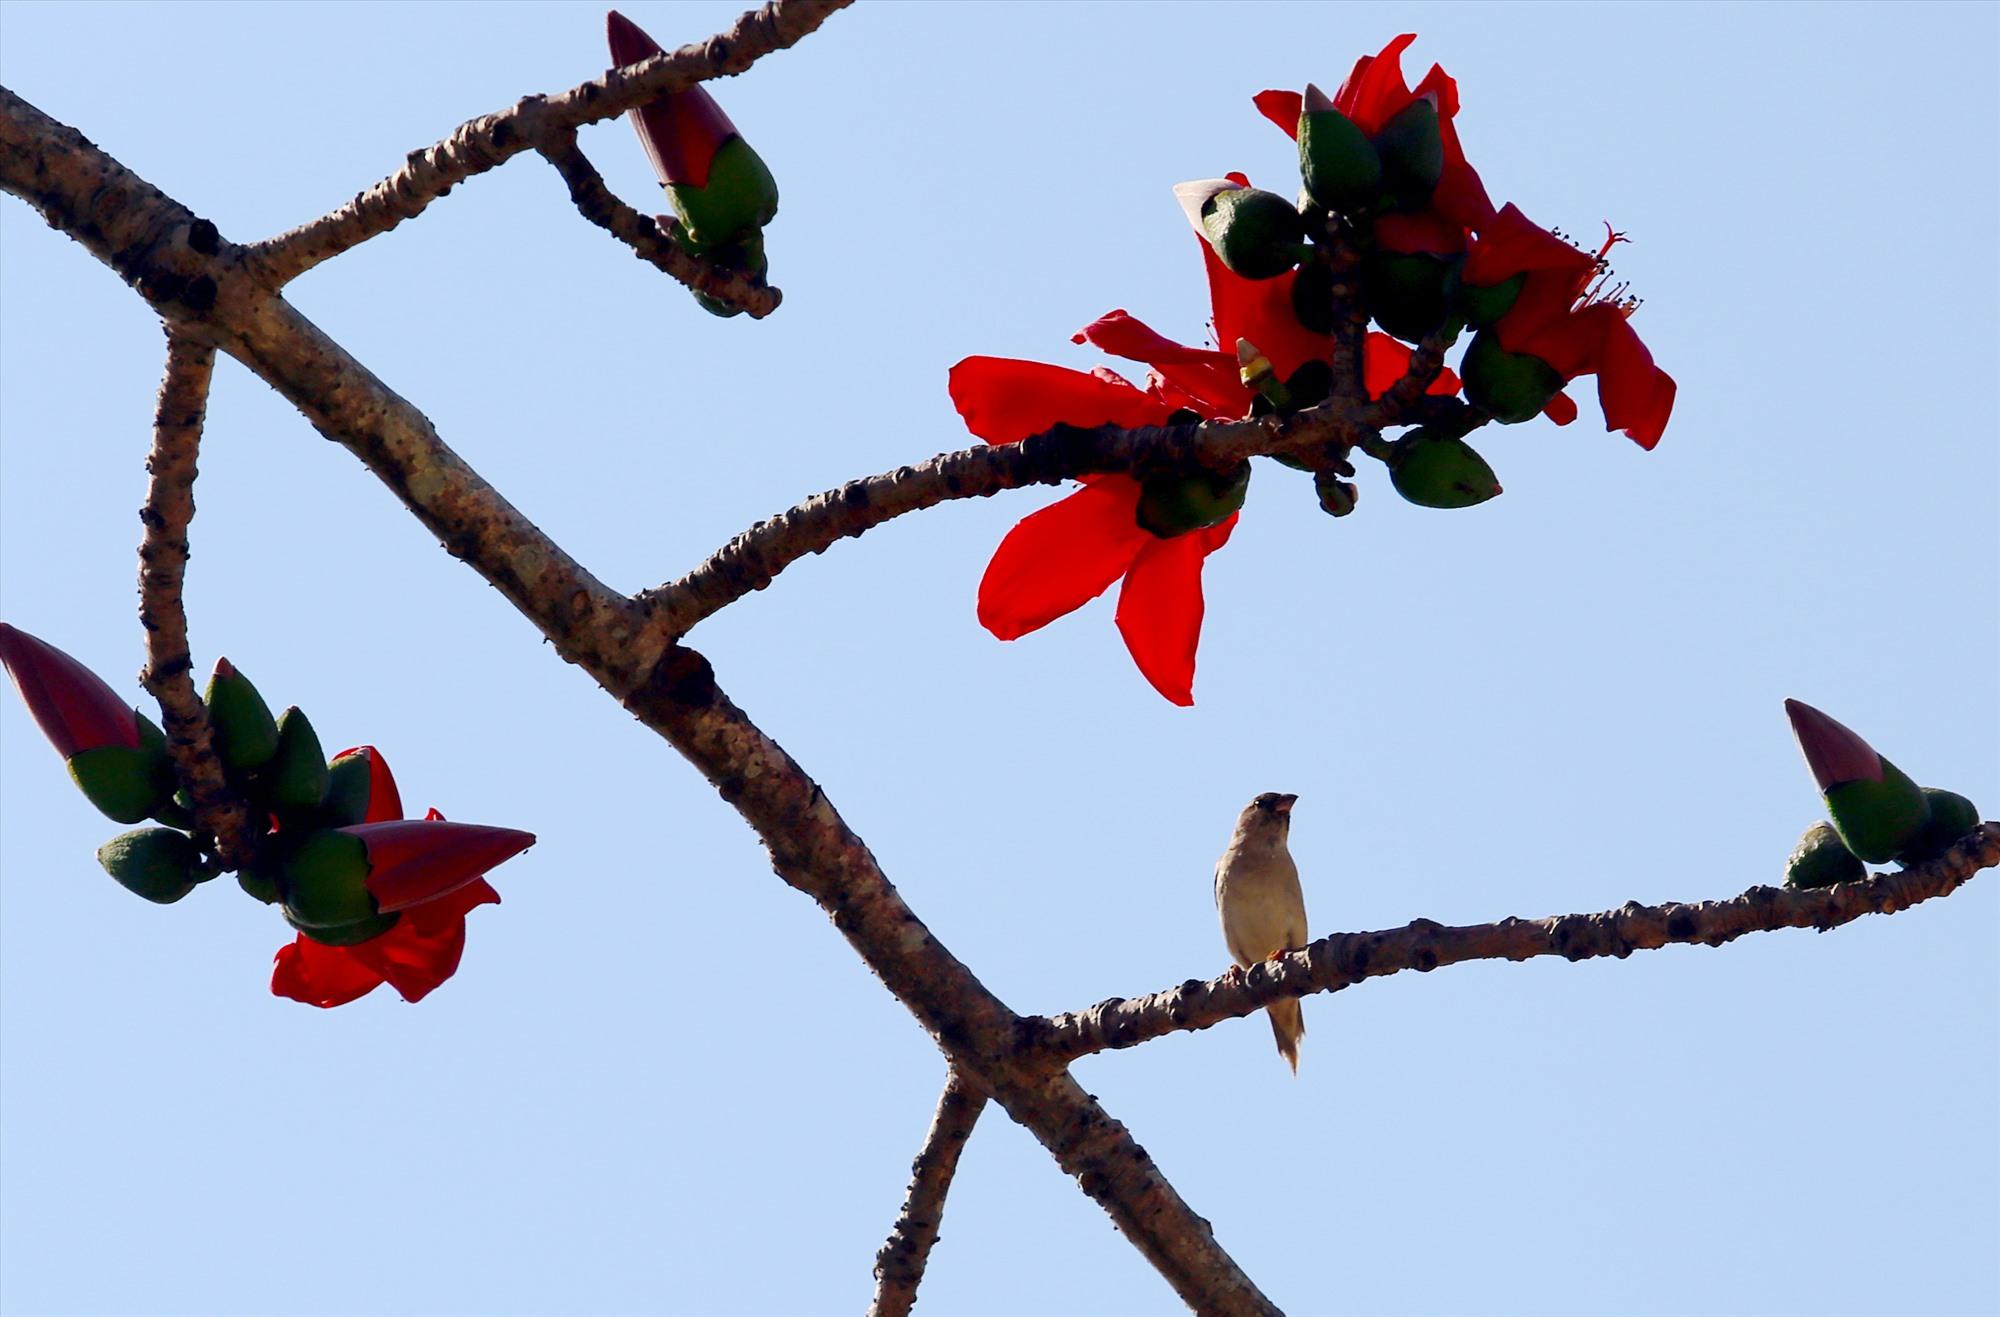 Màu hoa gạo dụ dỗ chim chóc kéo về. Ảnh: T.C